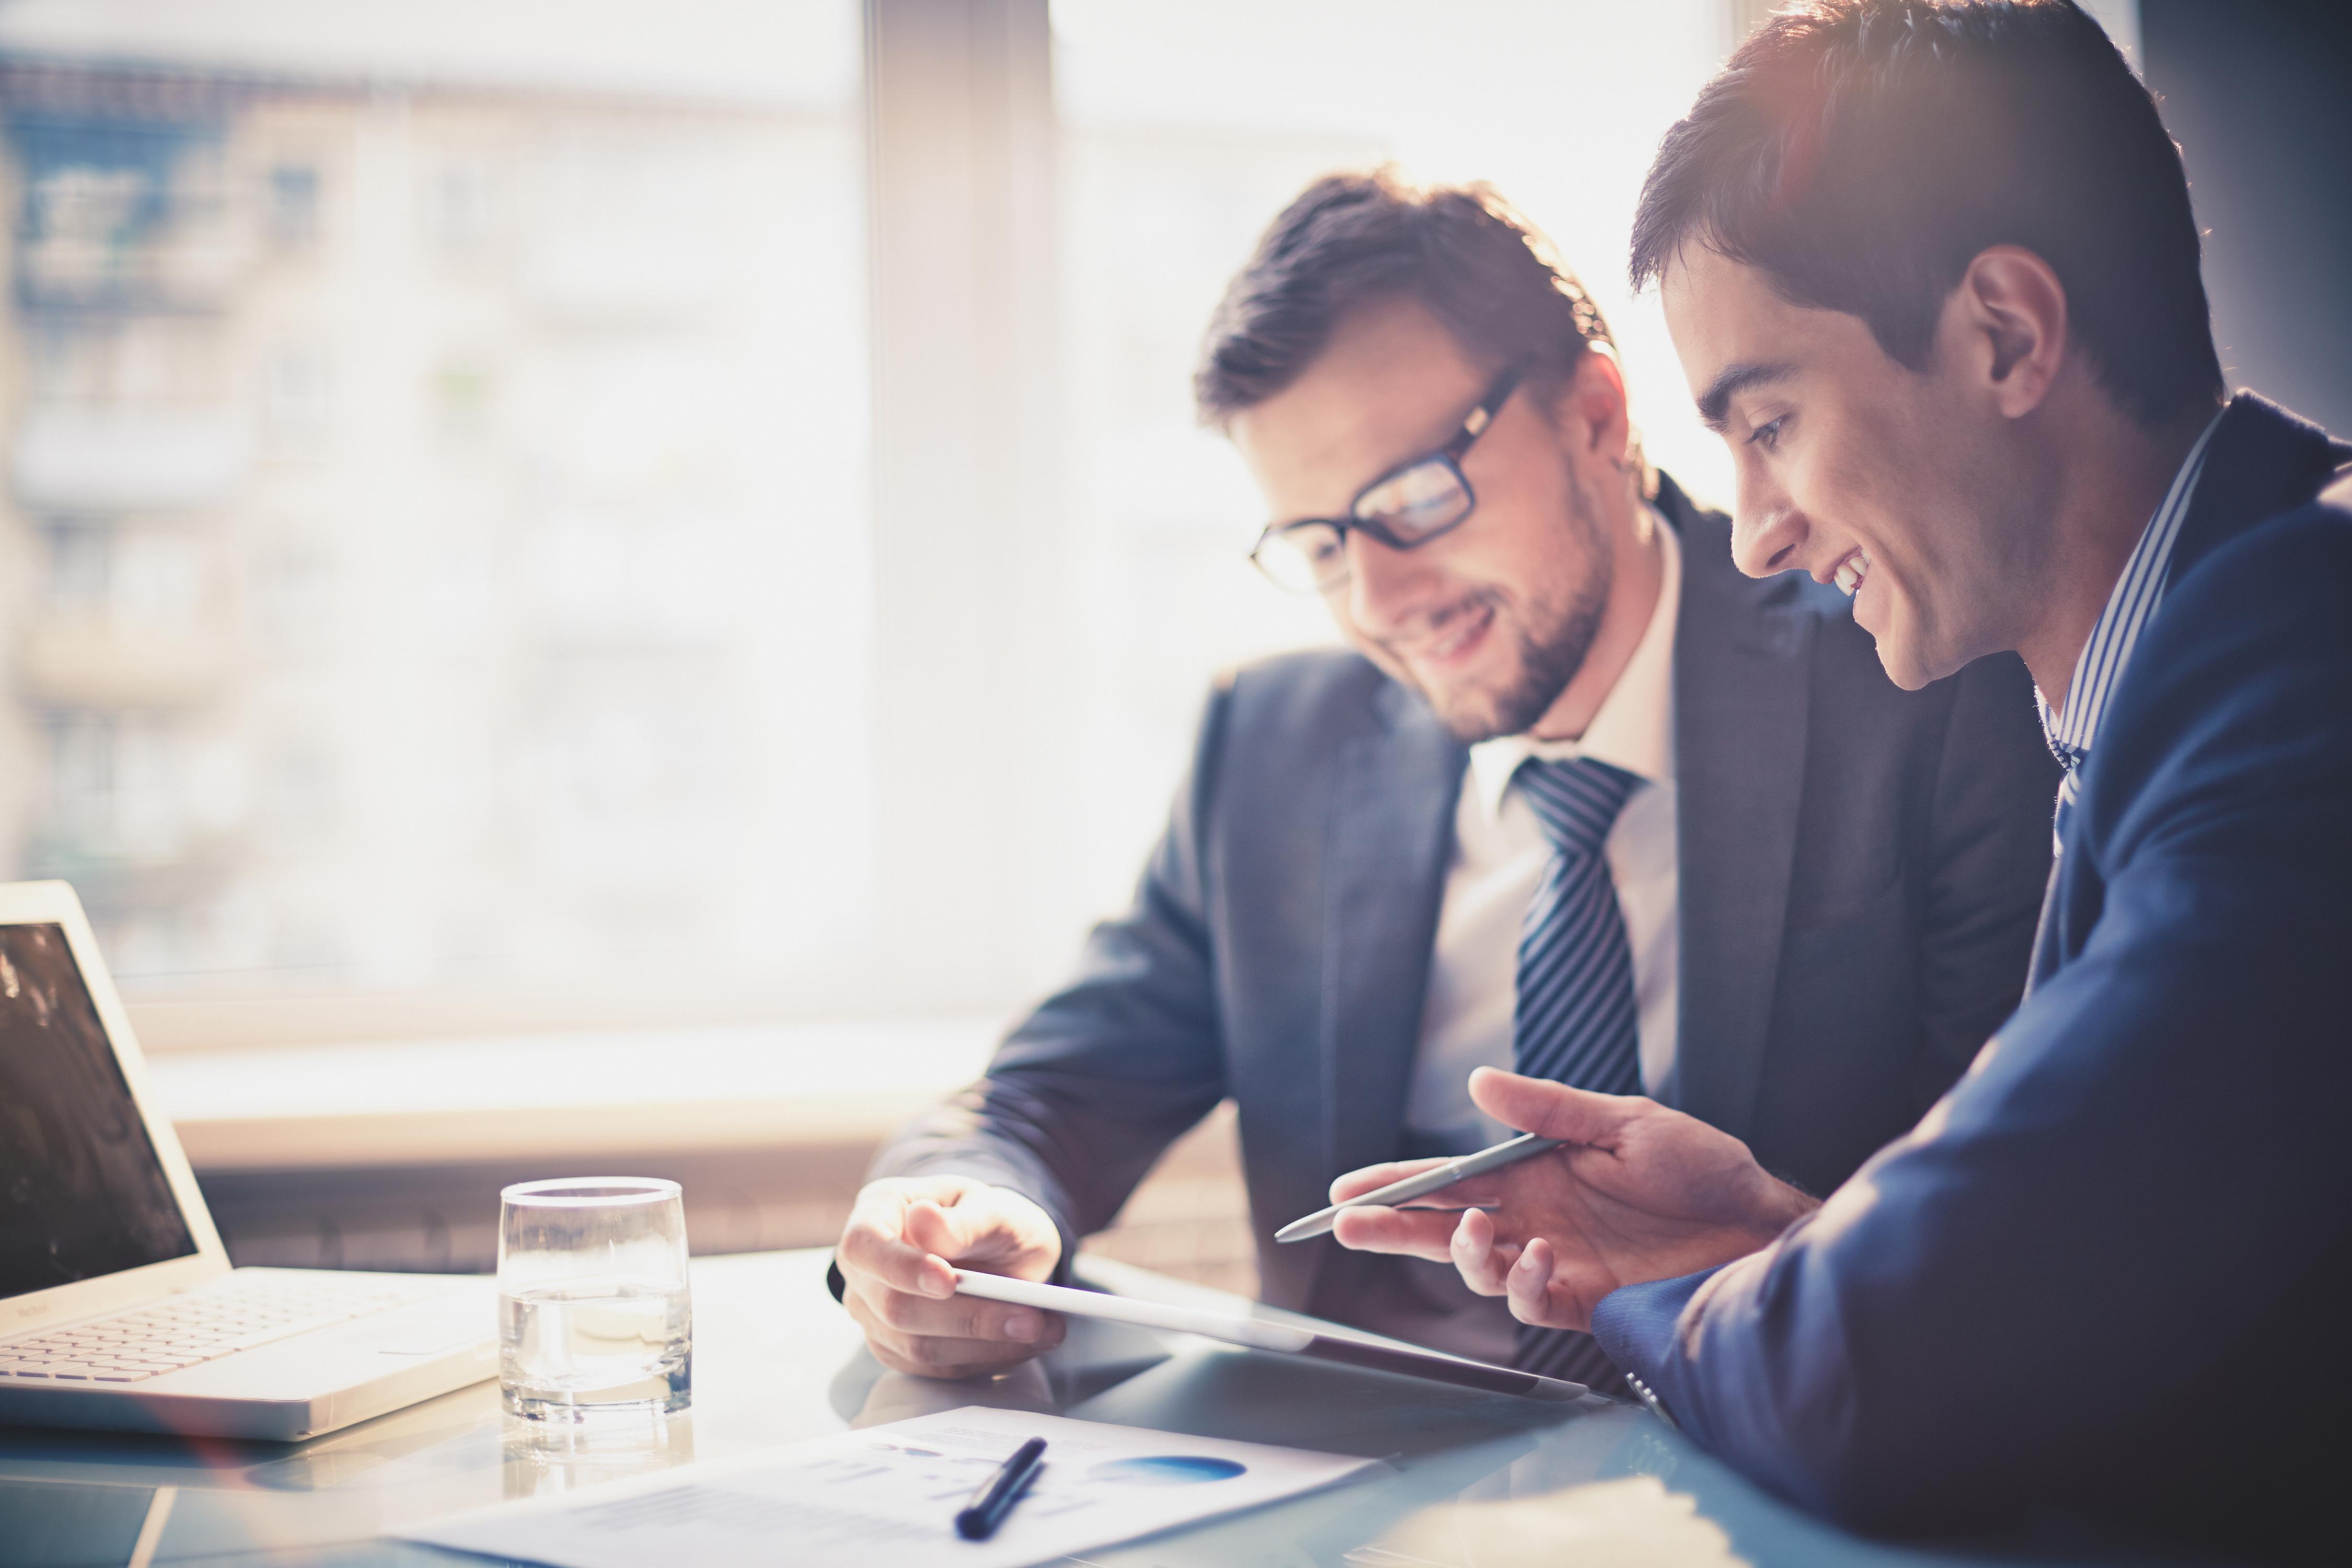 У Запоріжжі пройшло засідання StartUP клуб: підприємці розповіли як почати успішний бізнес